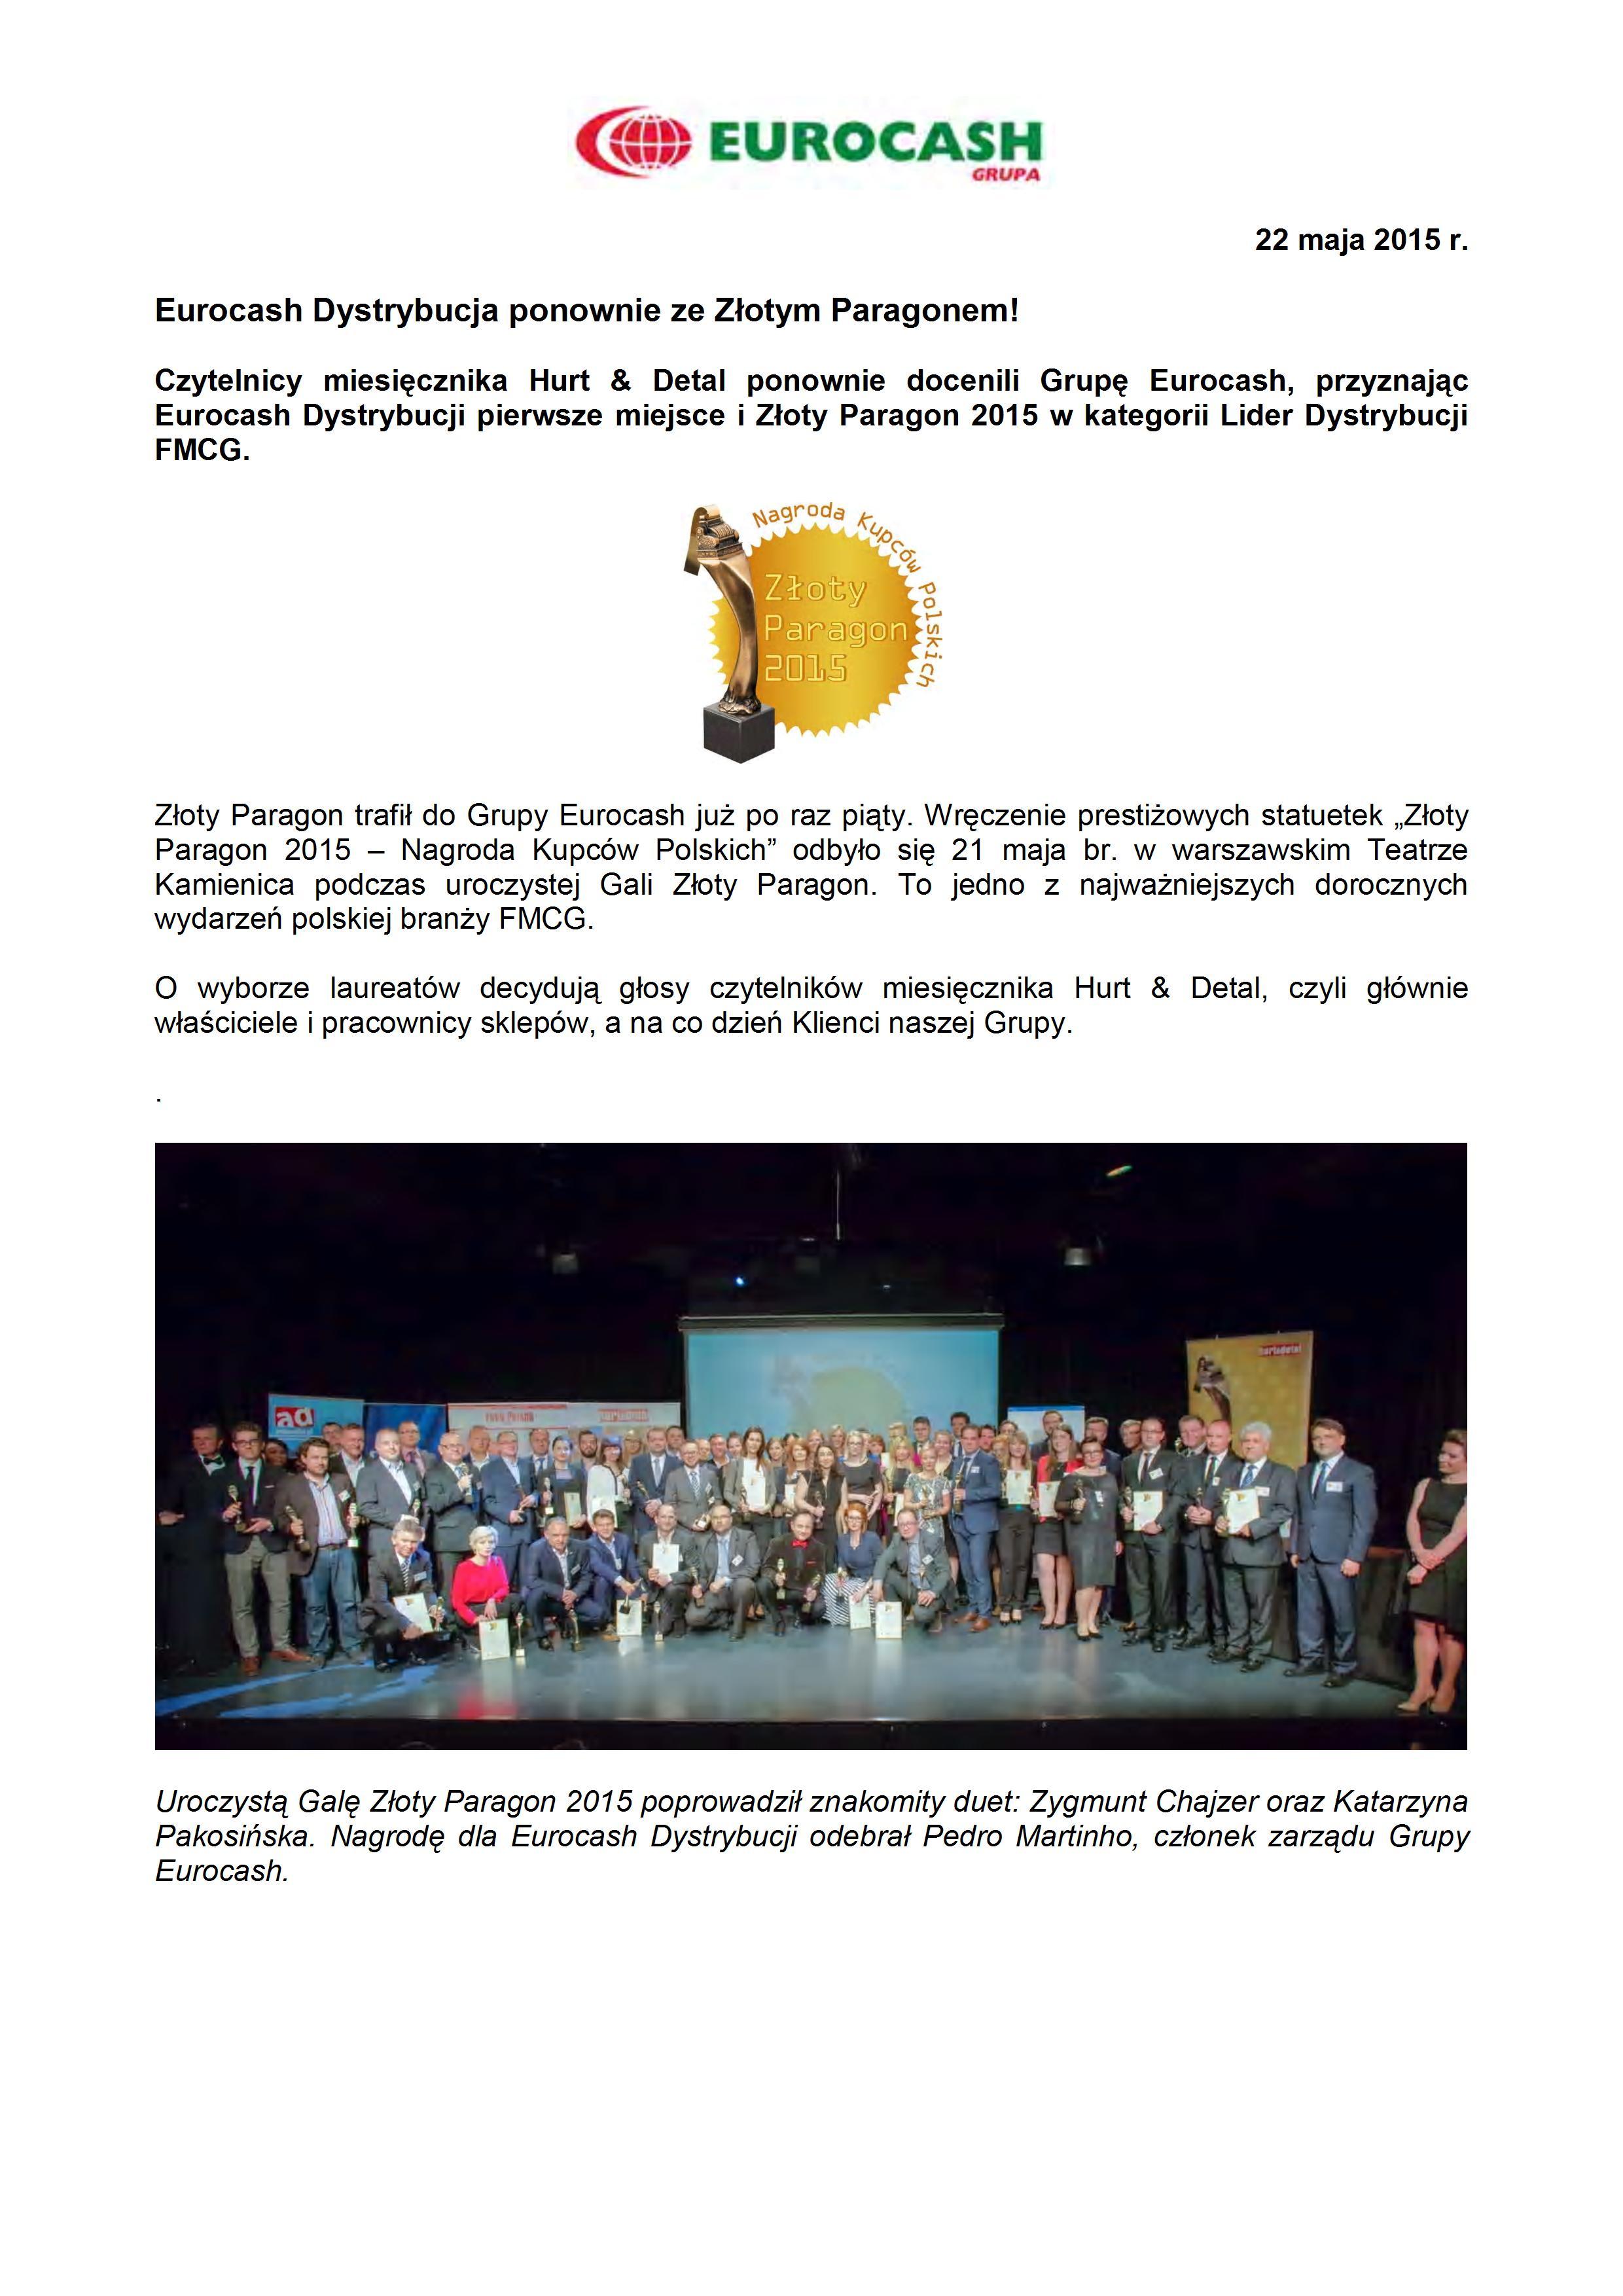 Złoty Paragon dla Eurocash Dystrybucja